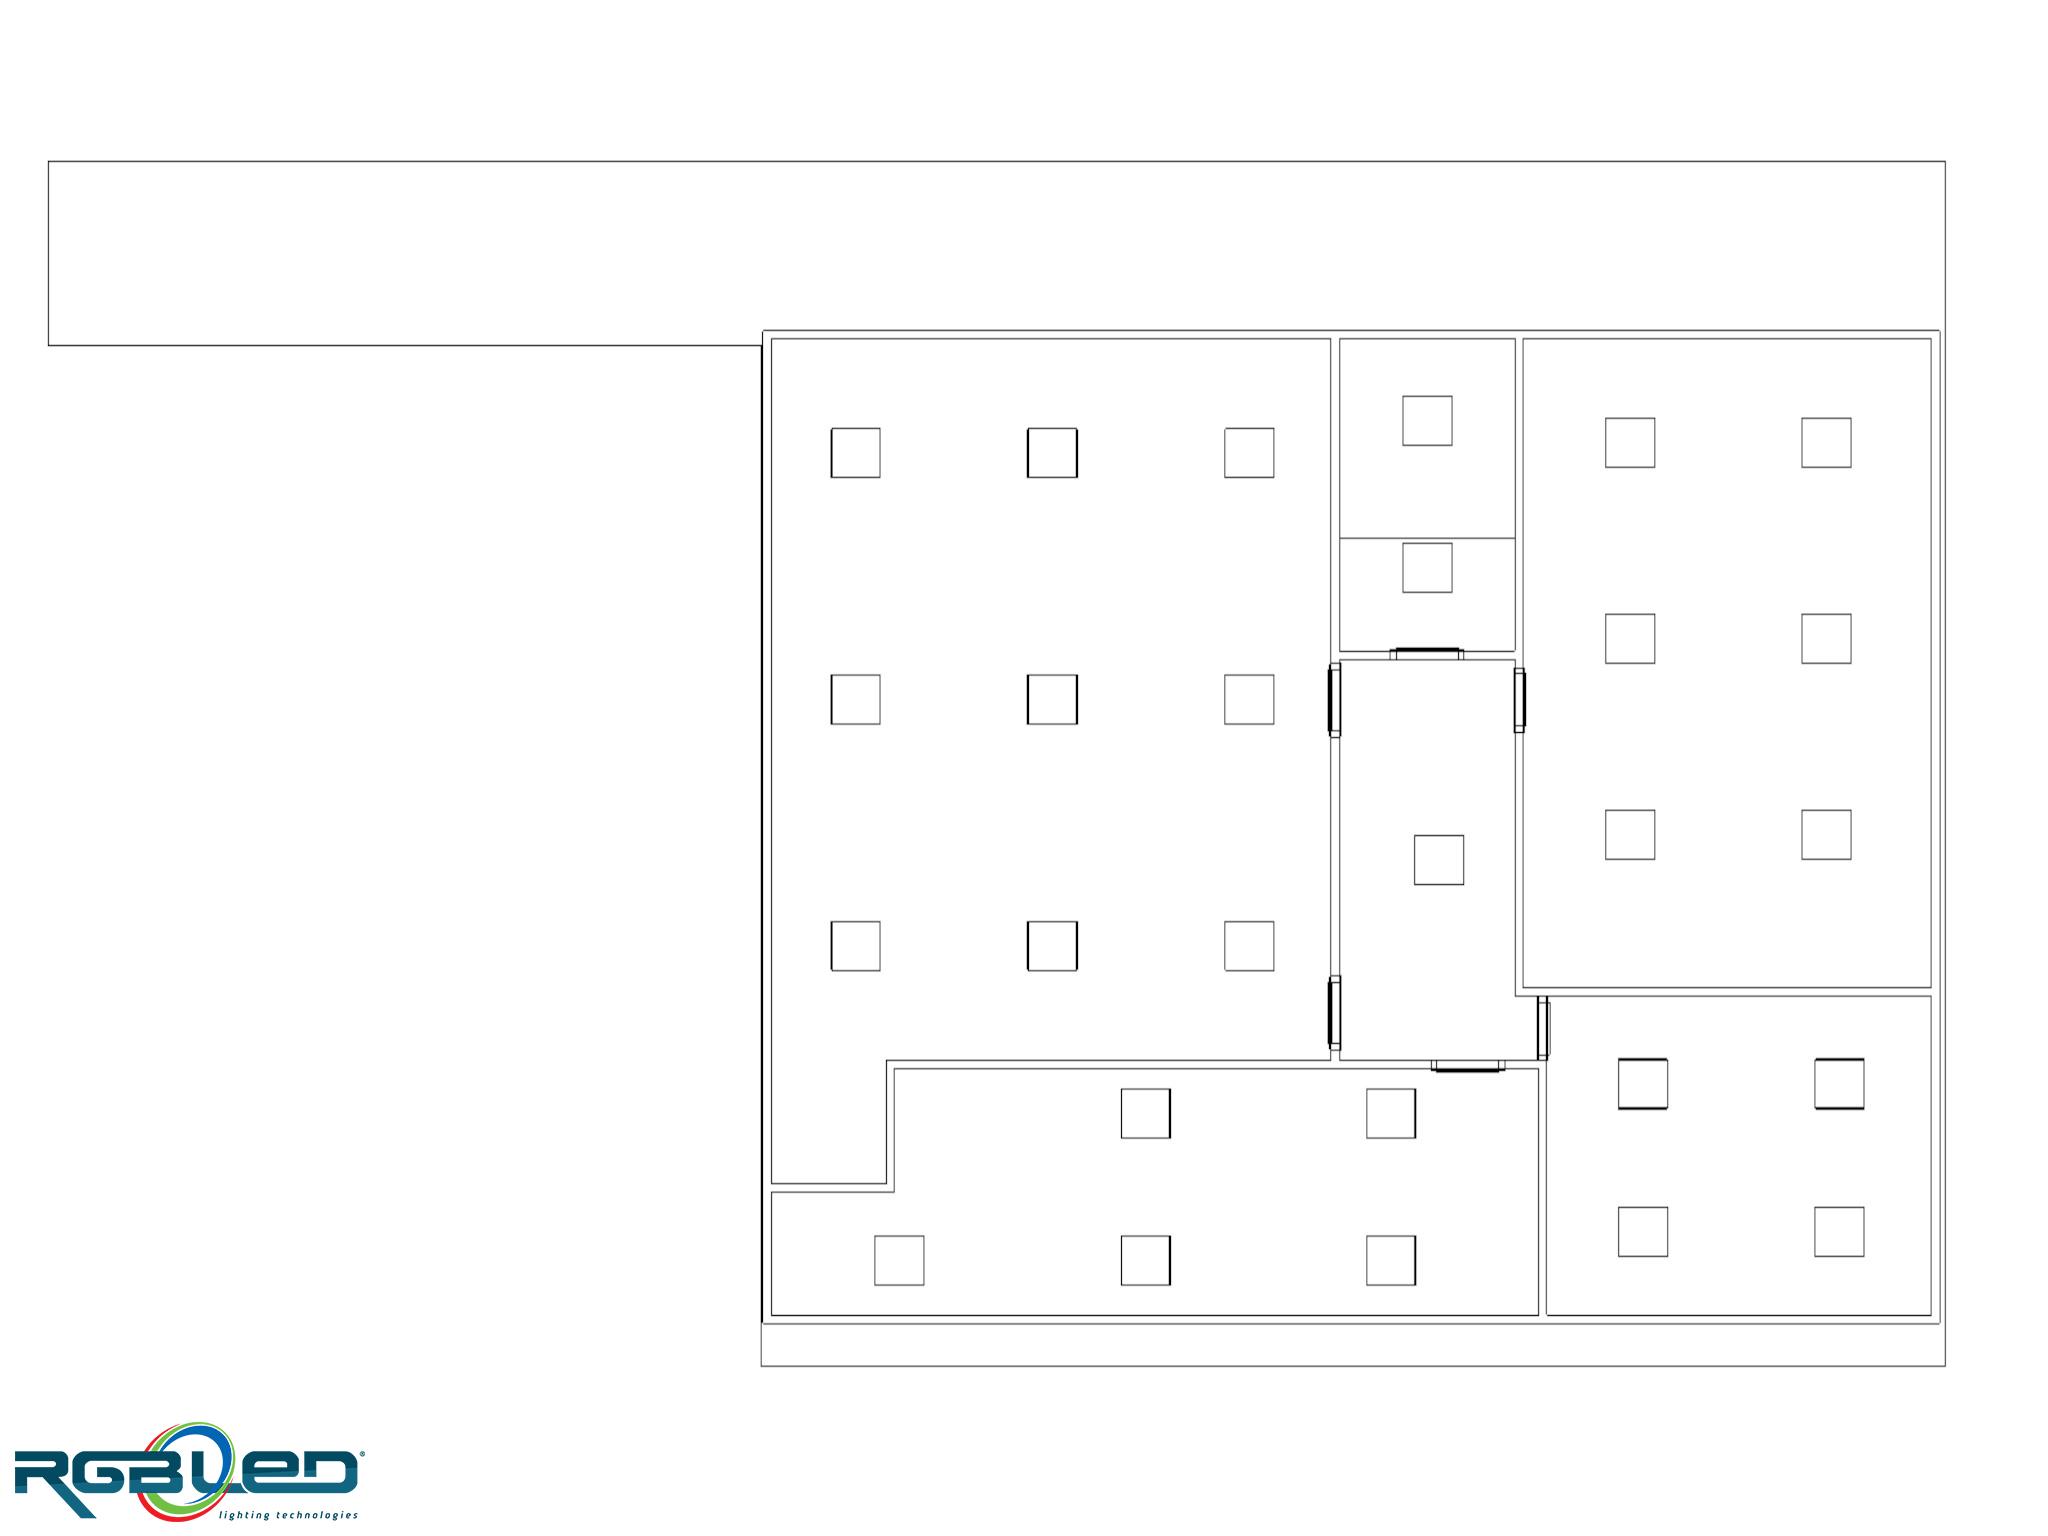 WDP Verdifarm – Bureau – Verdieping 1 – 00